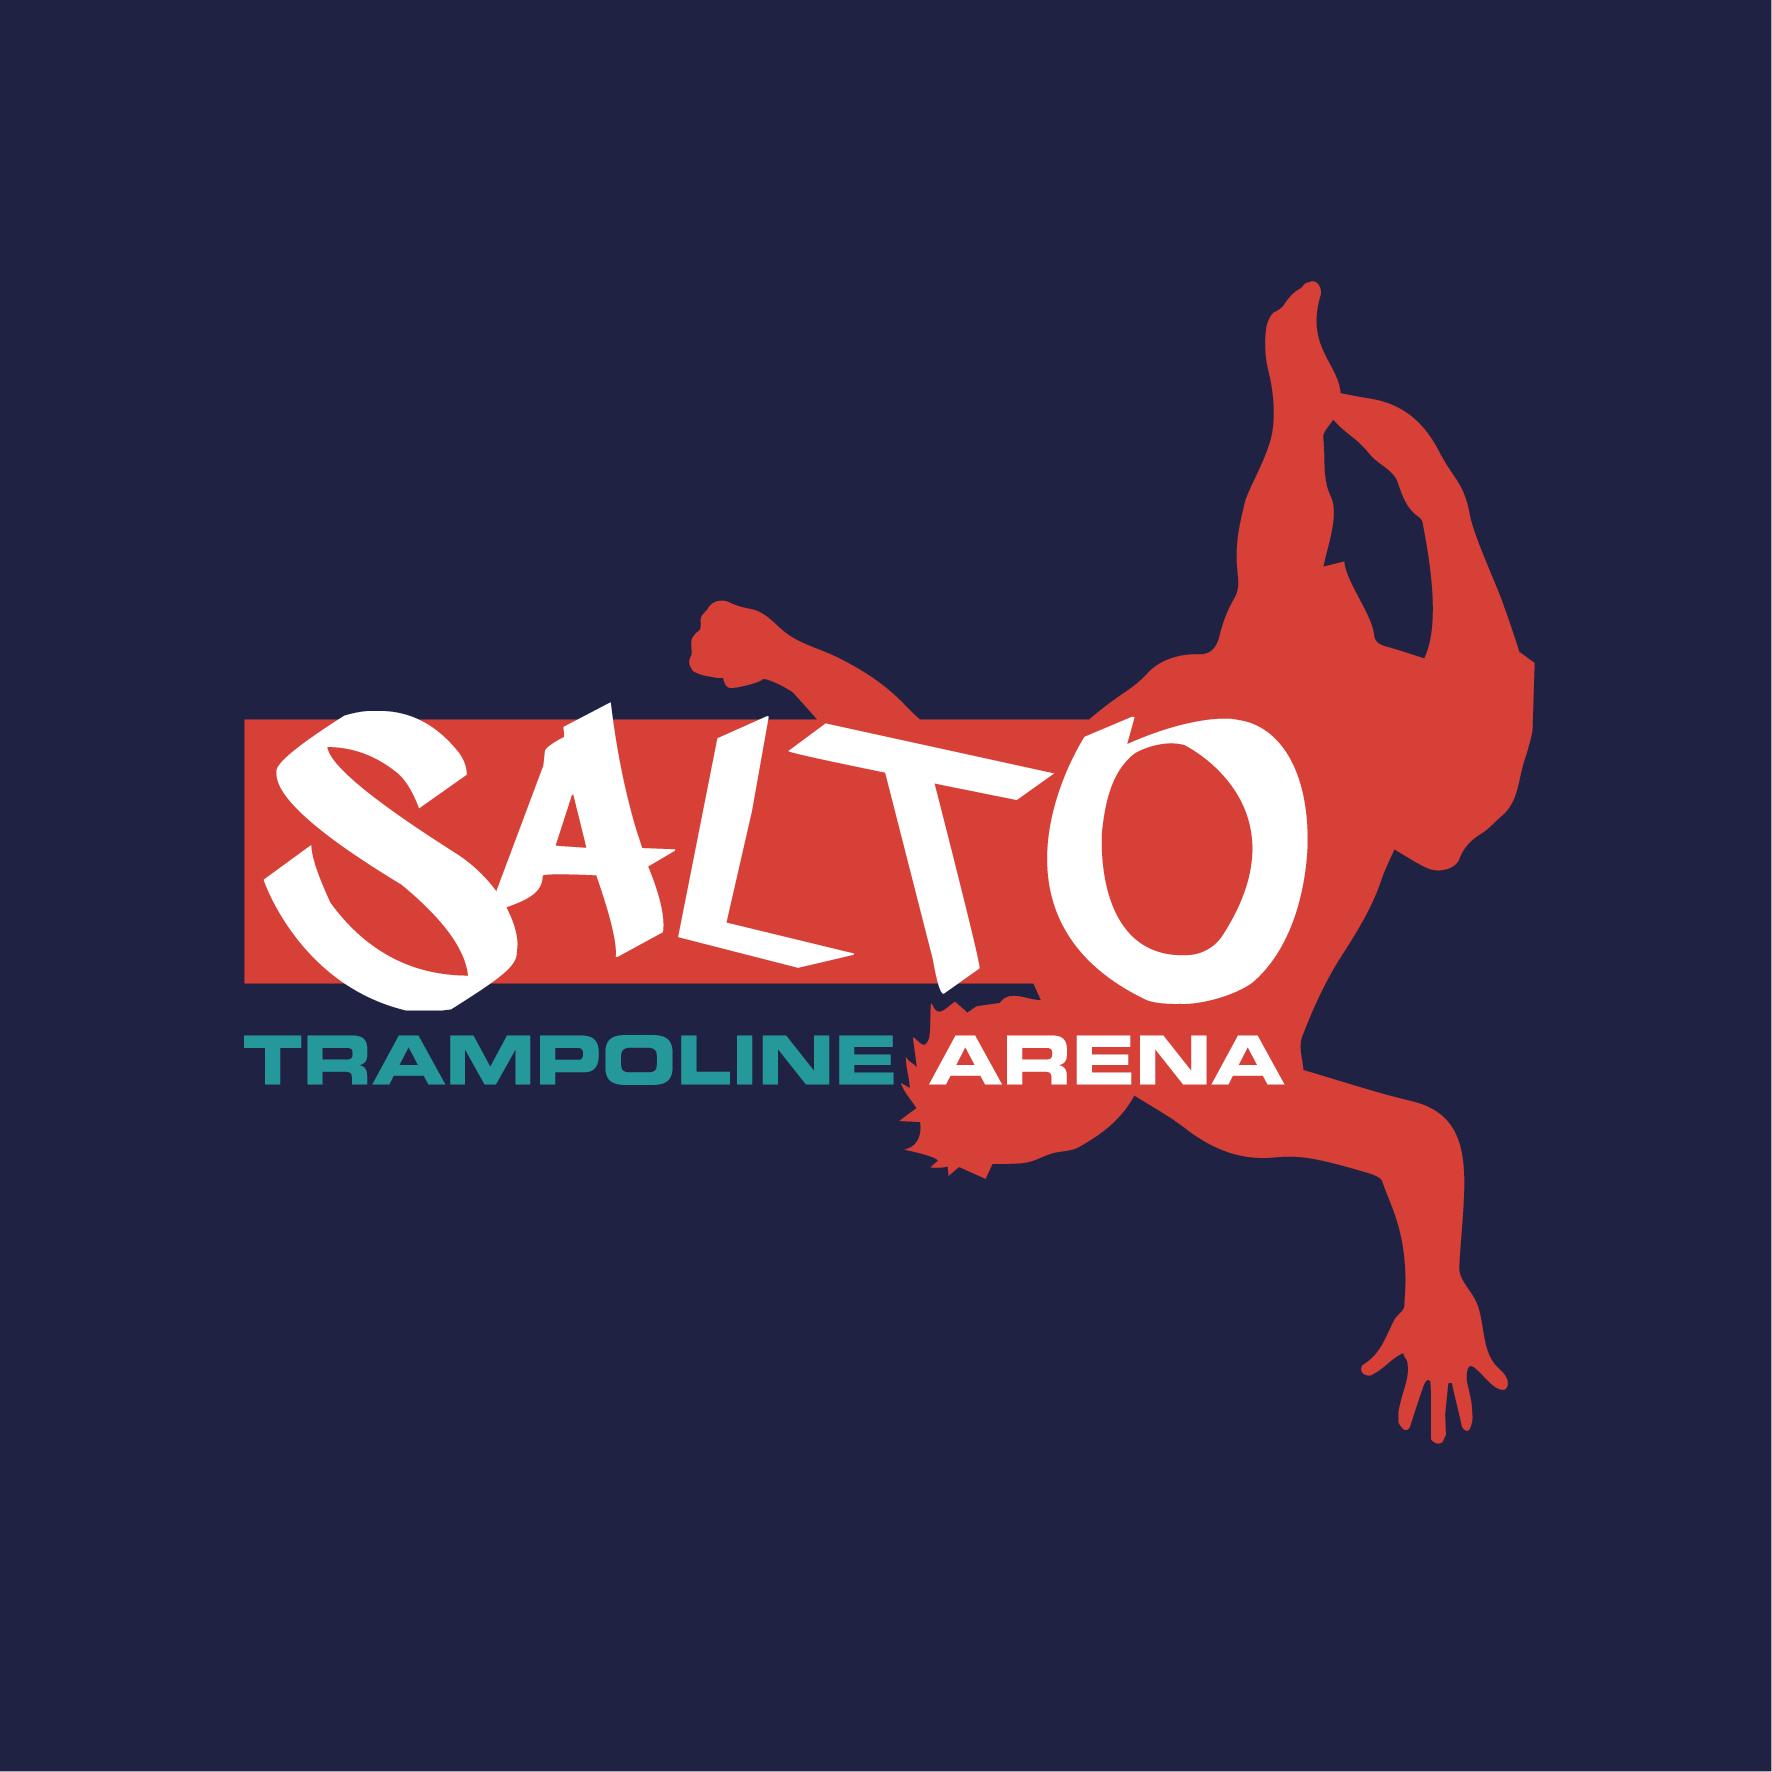 Un nouveau parc d'activité Indoor à Mougins : Salto Trampoline Arena